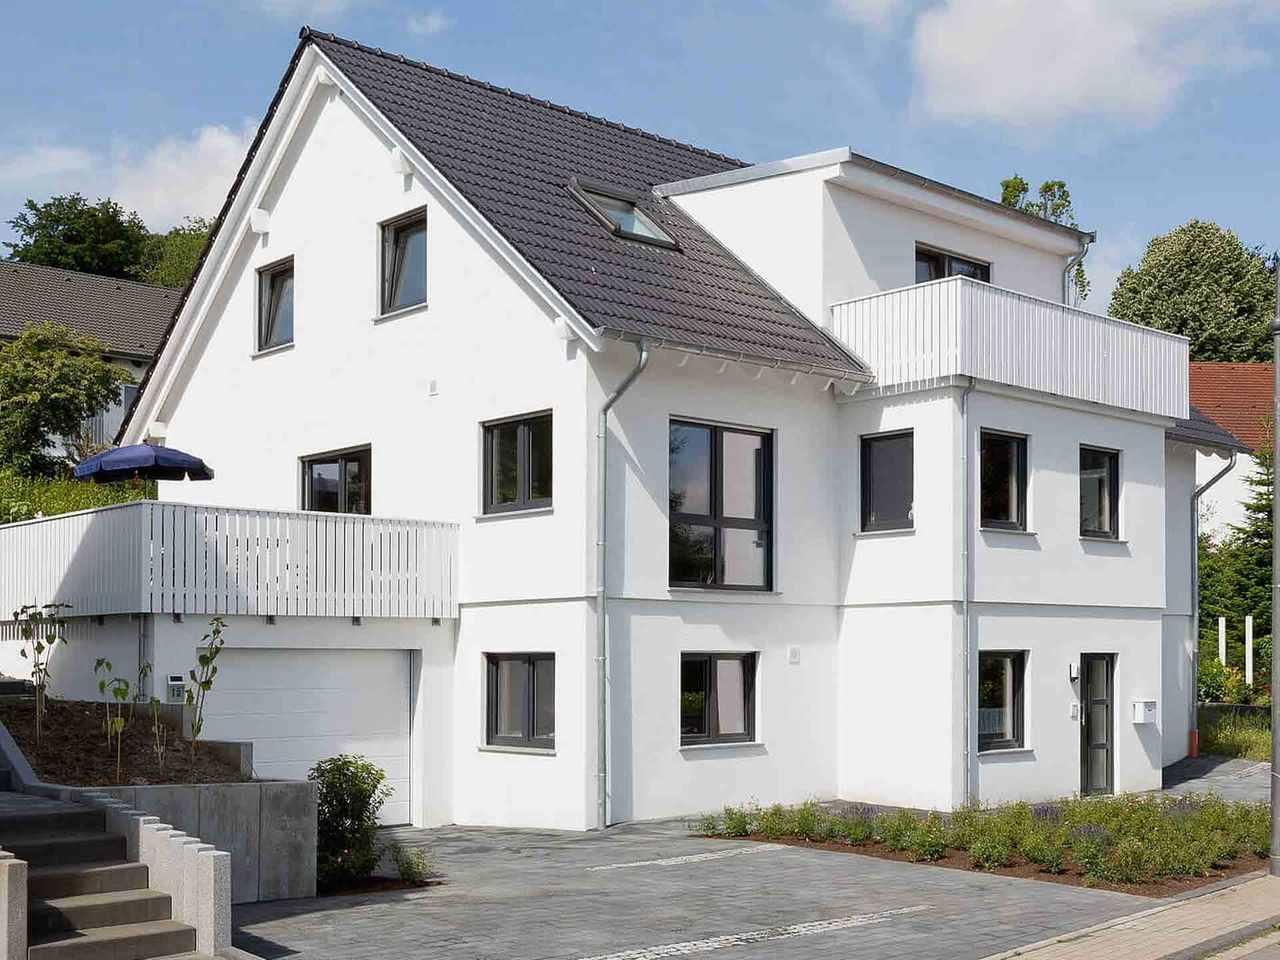 Mehrgenerationenhaus Bonvenon - Fingerhut Haus Seitlich